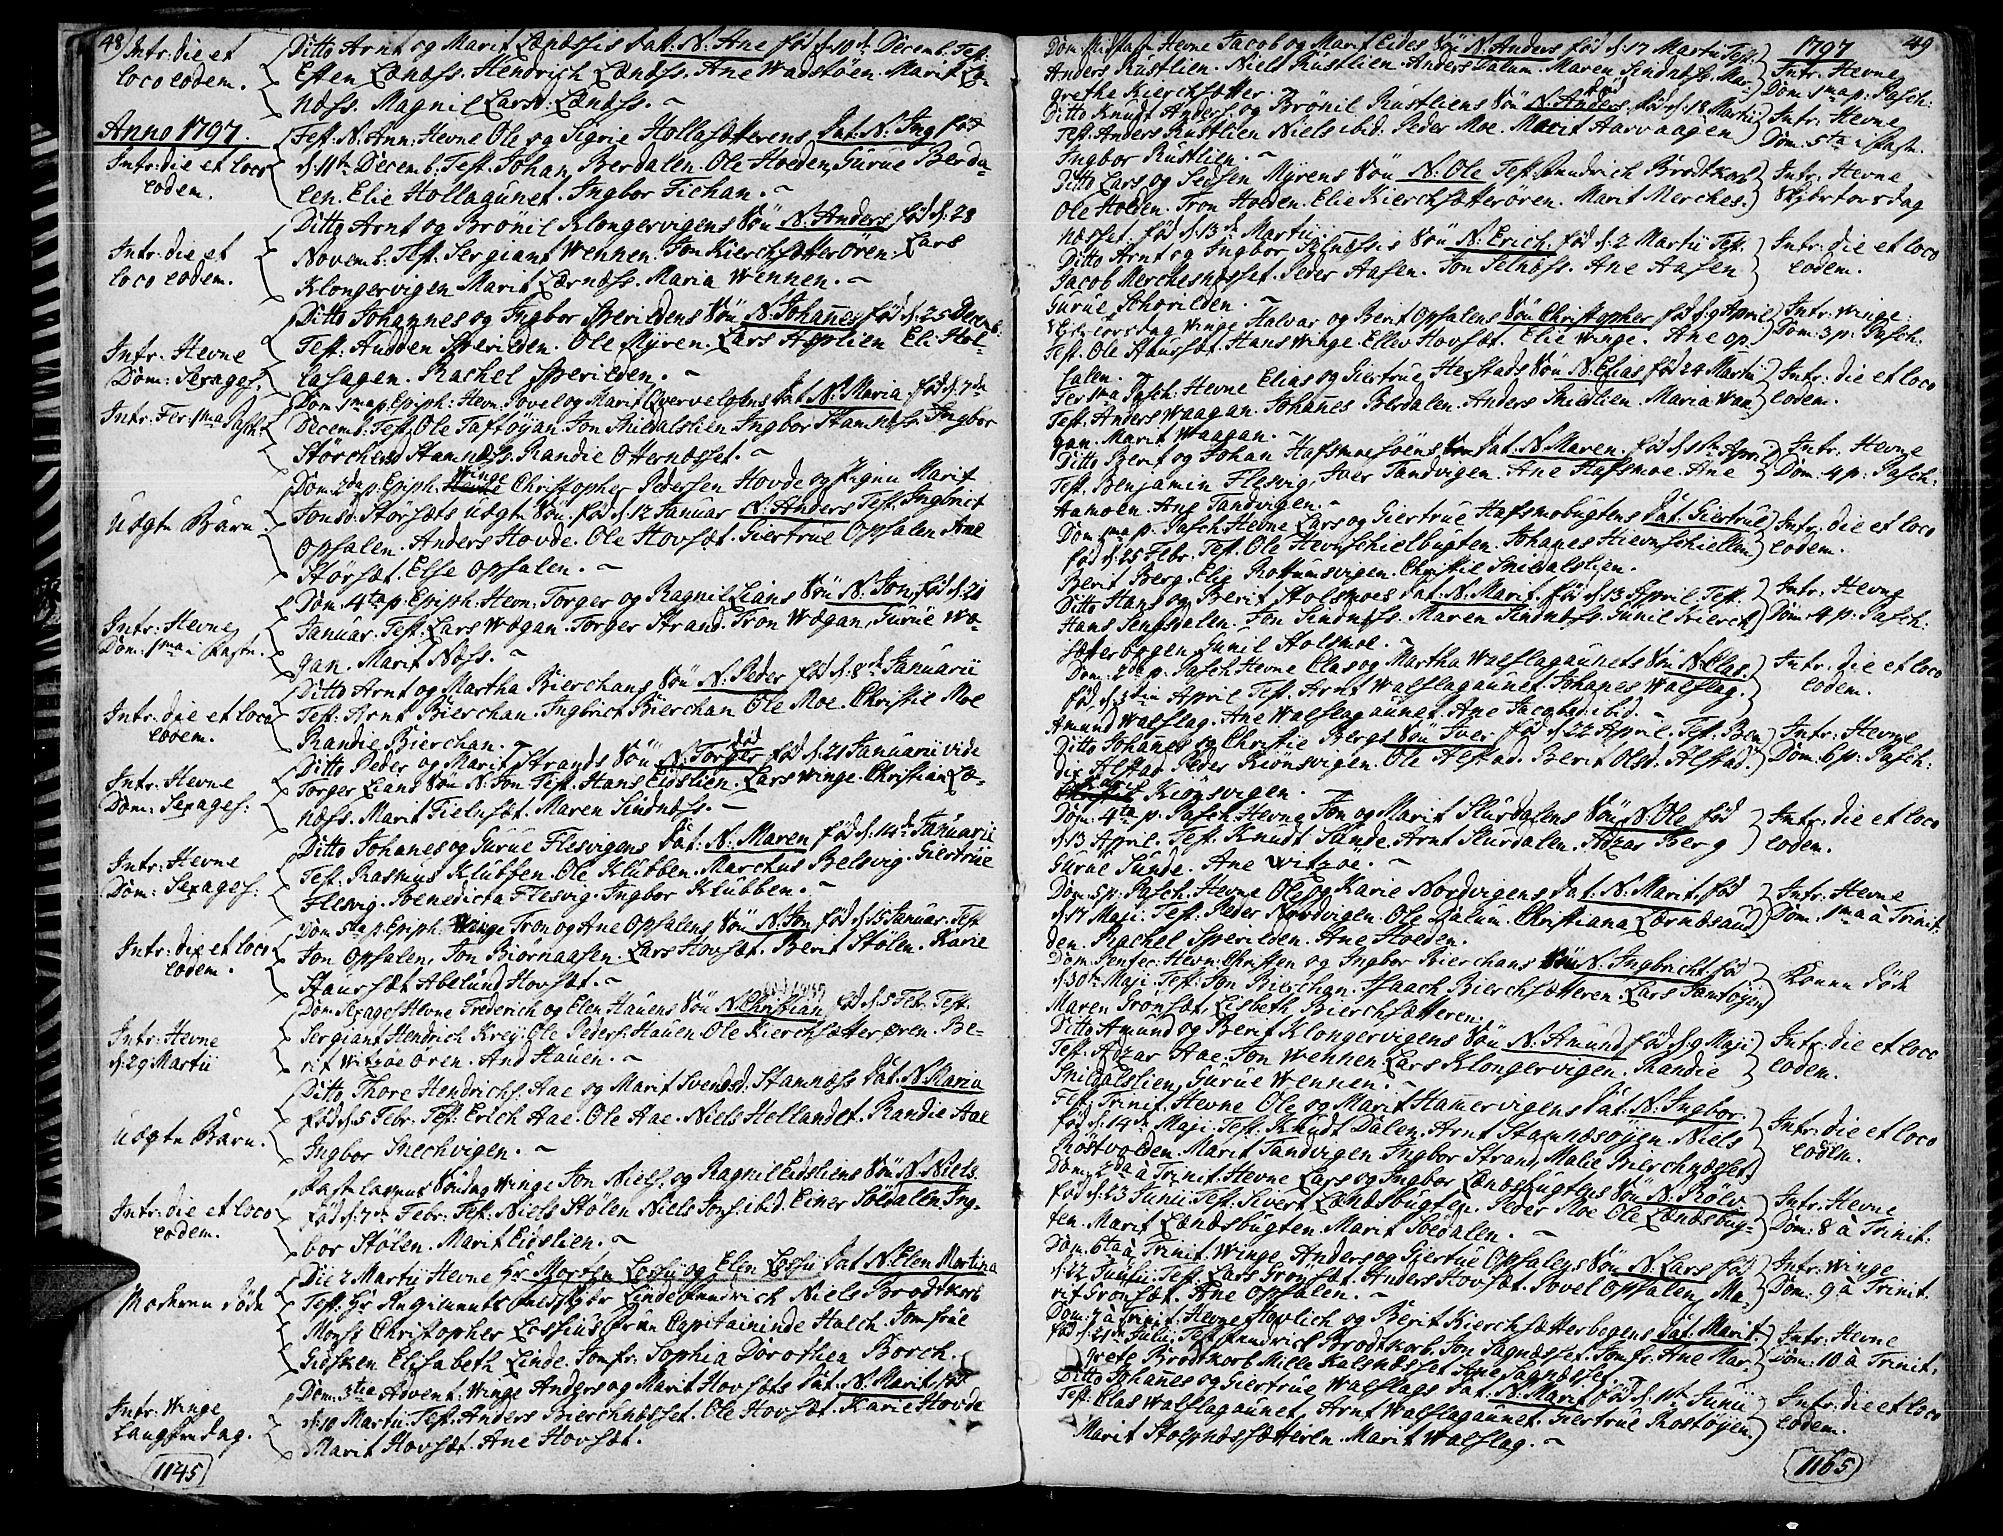 SAT, Ministerialprotokoller, klokkerbøker og fødselsregistre - Sør-Trøndelag, 630/L0490: Ministerialbok nr. 630A03, 1795-1818, s. 48-49